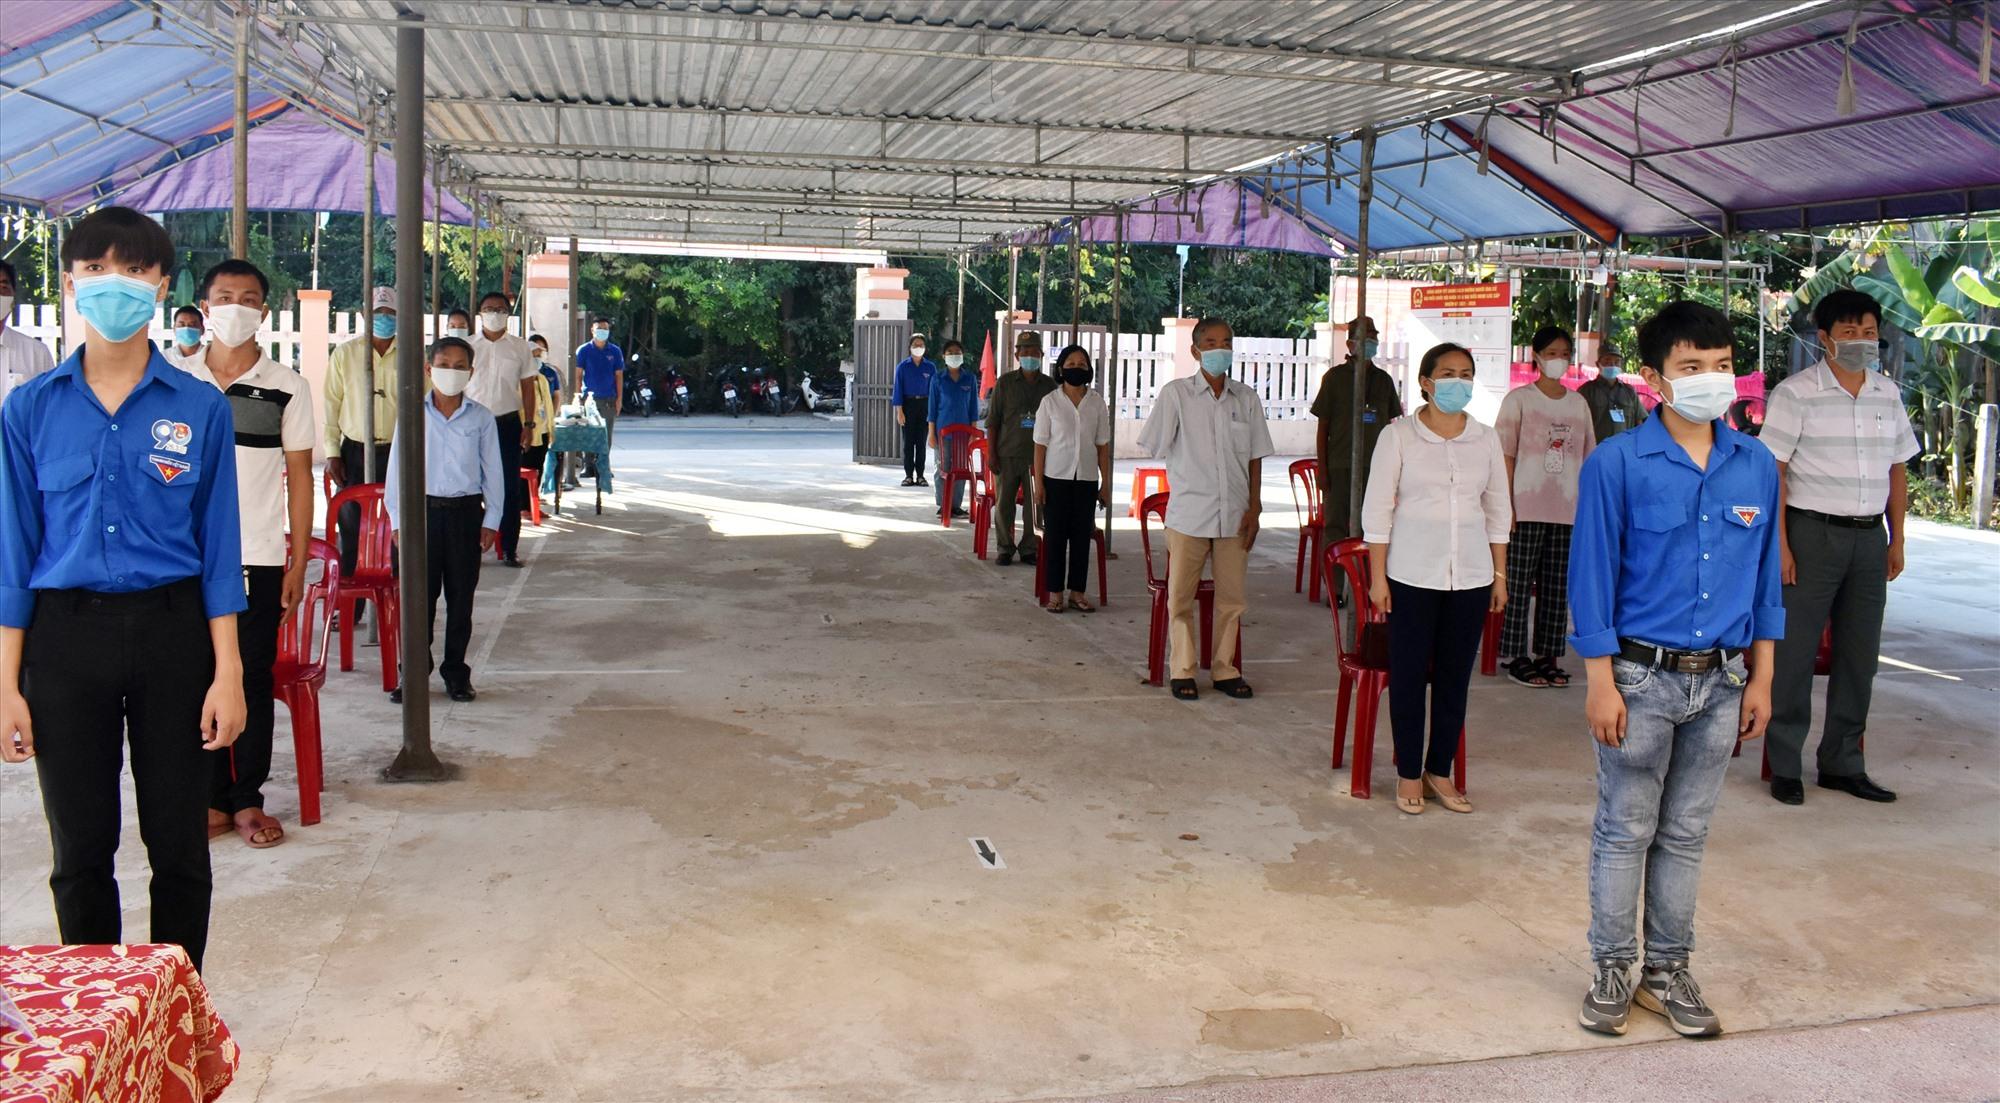 Nhằm đảm bảo công tác phòng chống dịch, Điện Bàn yêu cầu các tổ bầu cử chia cử tri thành nhiều nhóm bỏ phiếu các khoảng thời gian khác nhau và thực hiện giãn cách.